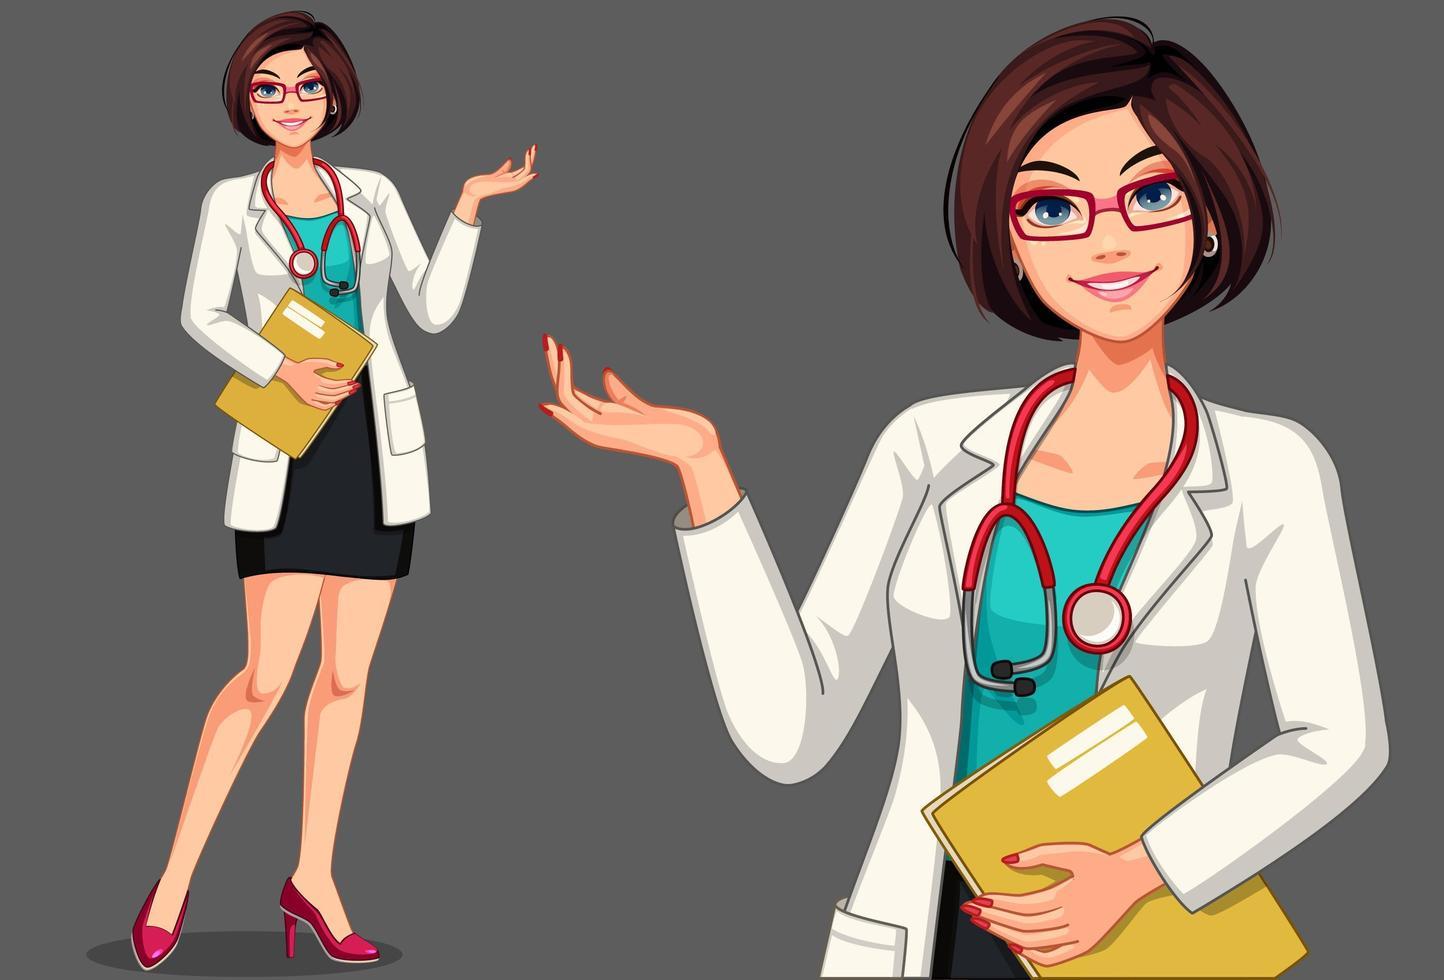 dottoressa in possesso di un set di appunti vettore